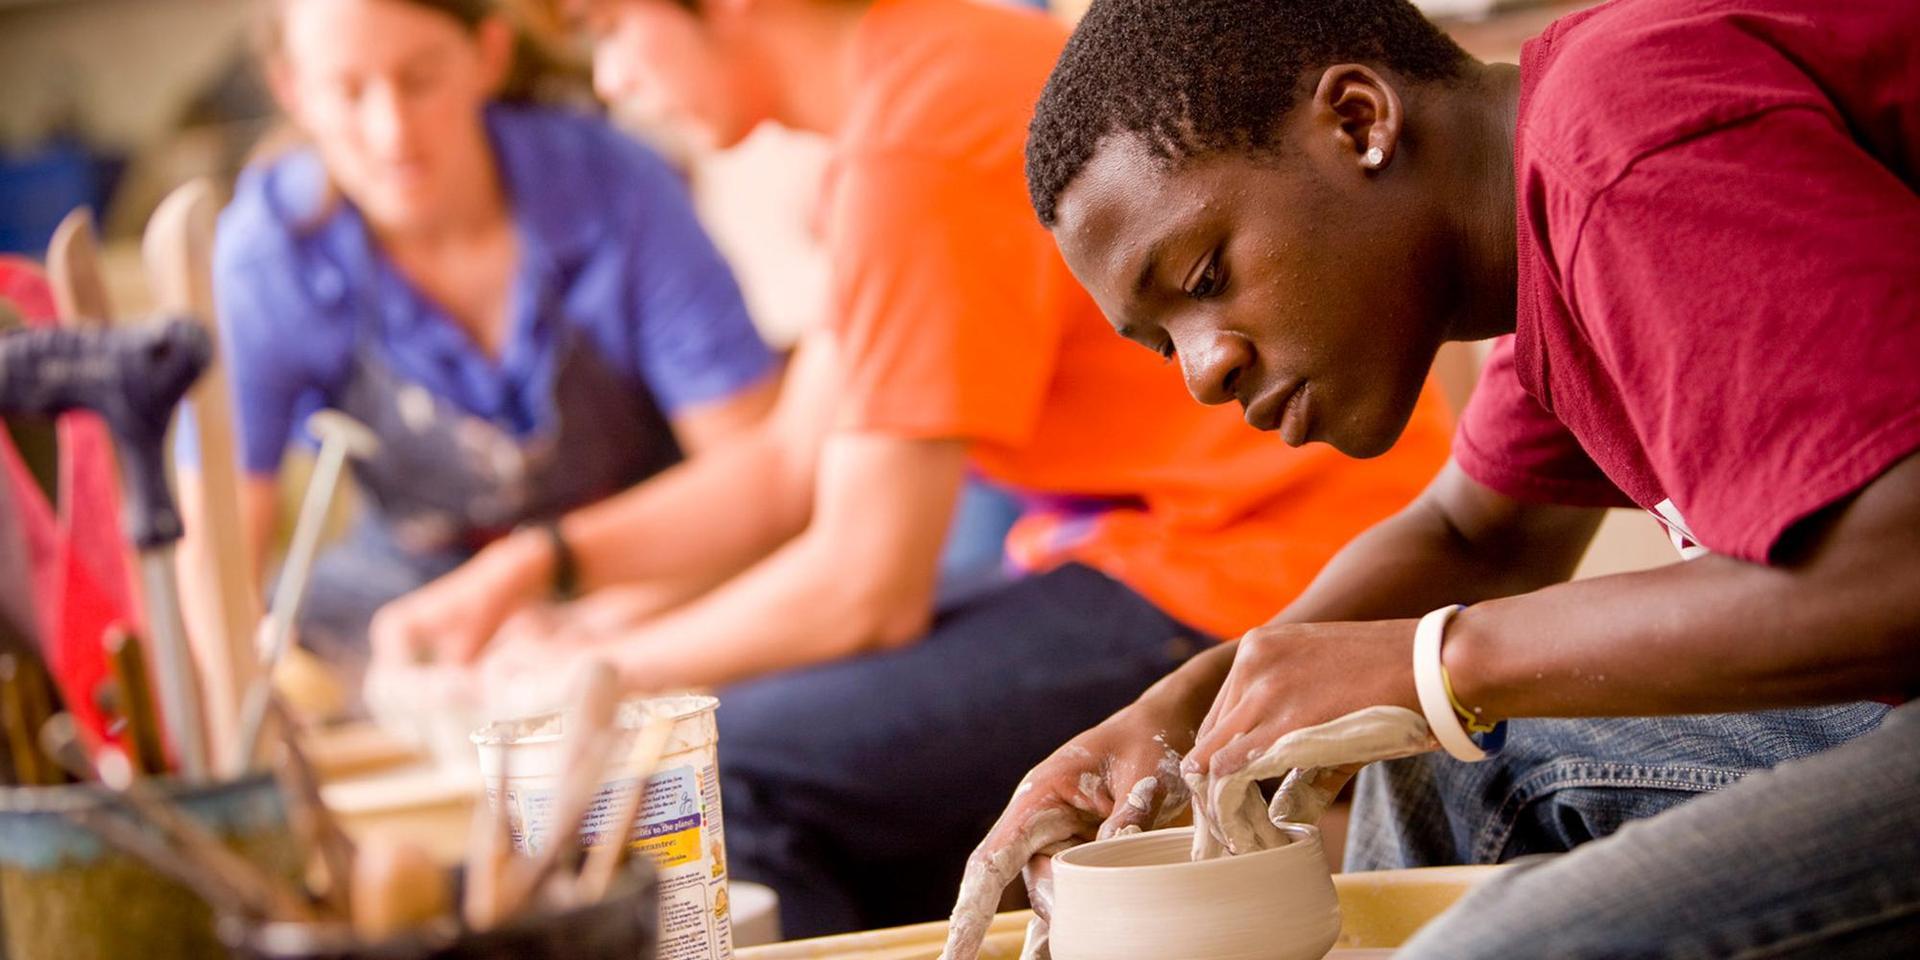 一个学生在陶瓷轮上投掷并塑造一个碗.